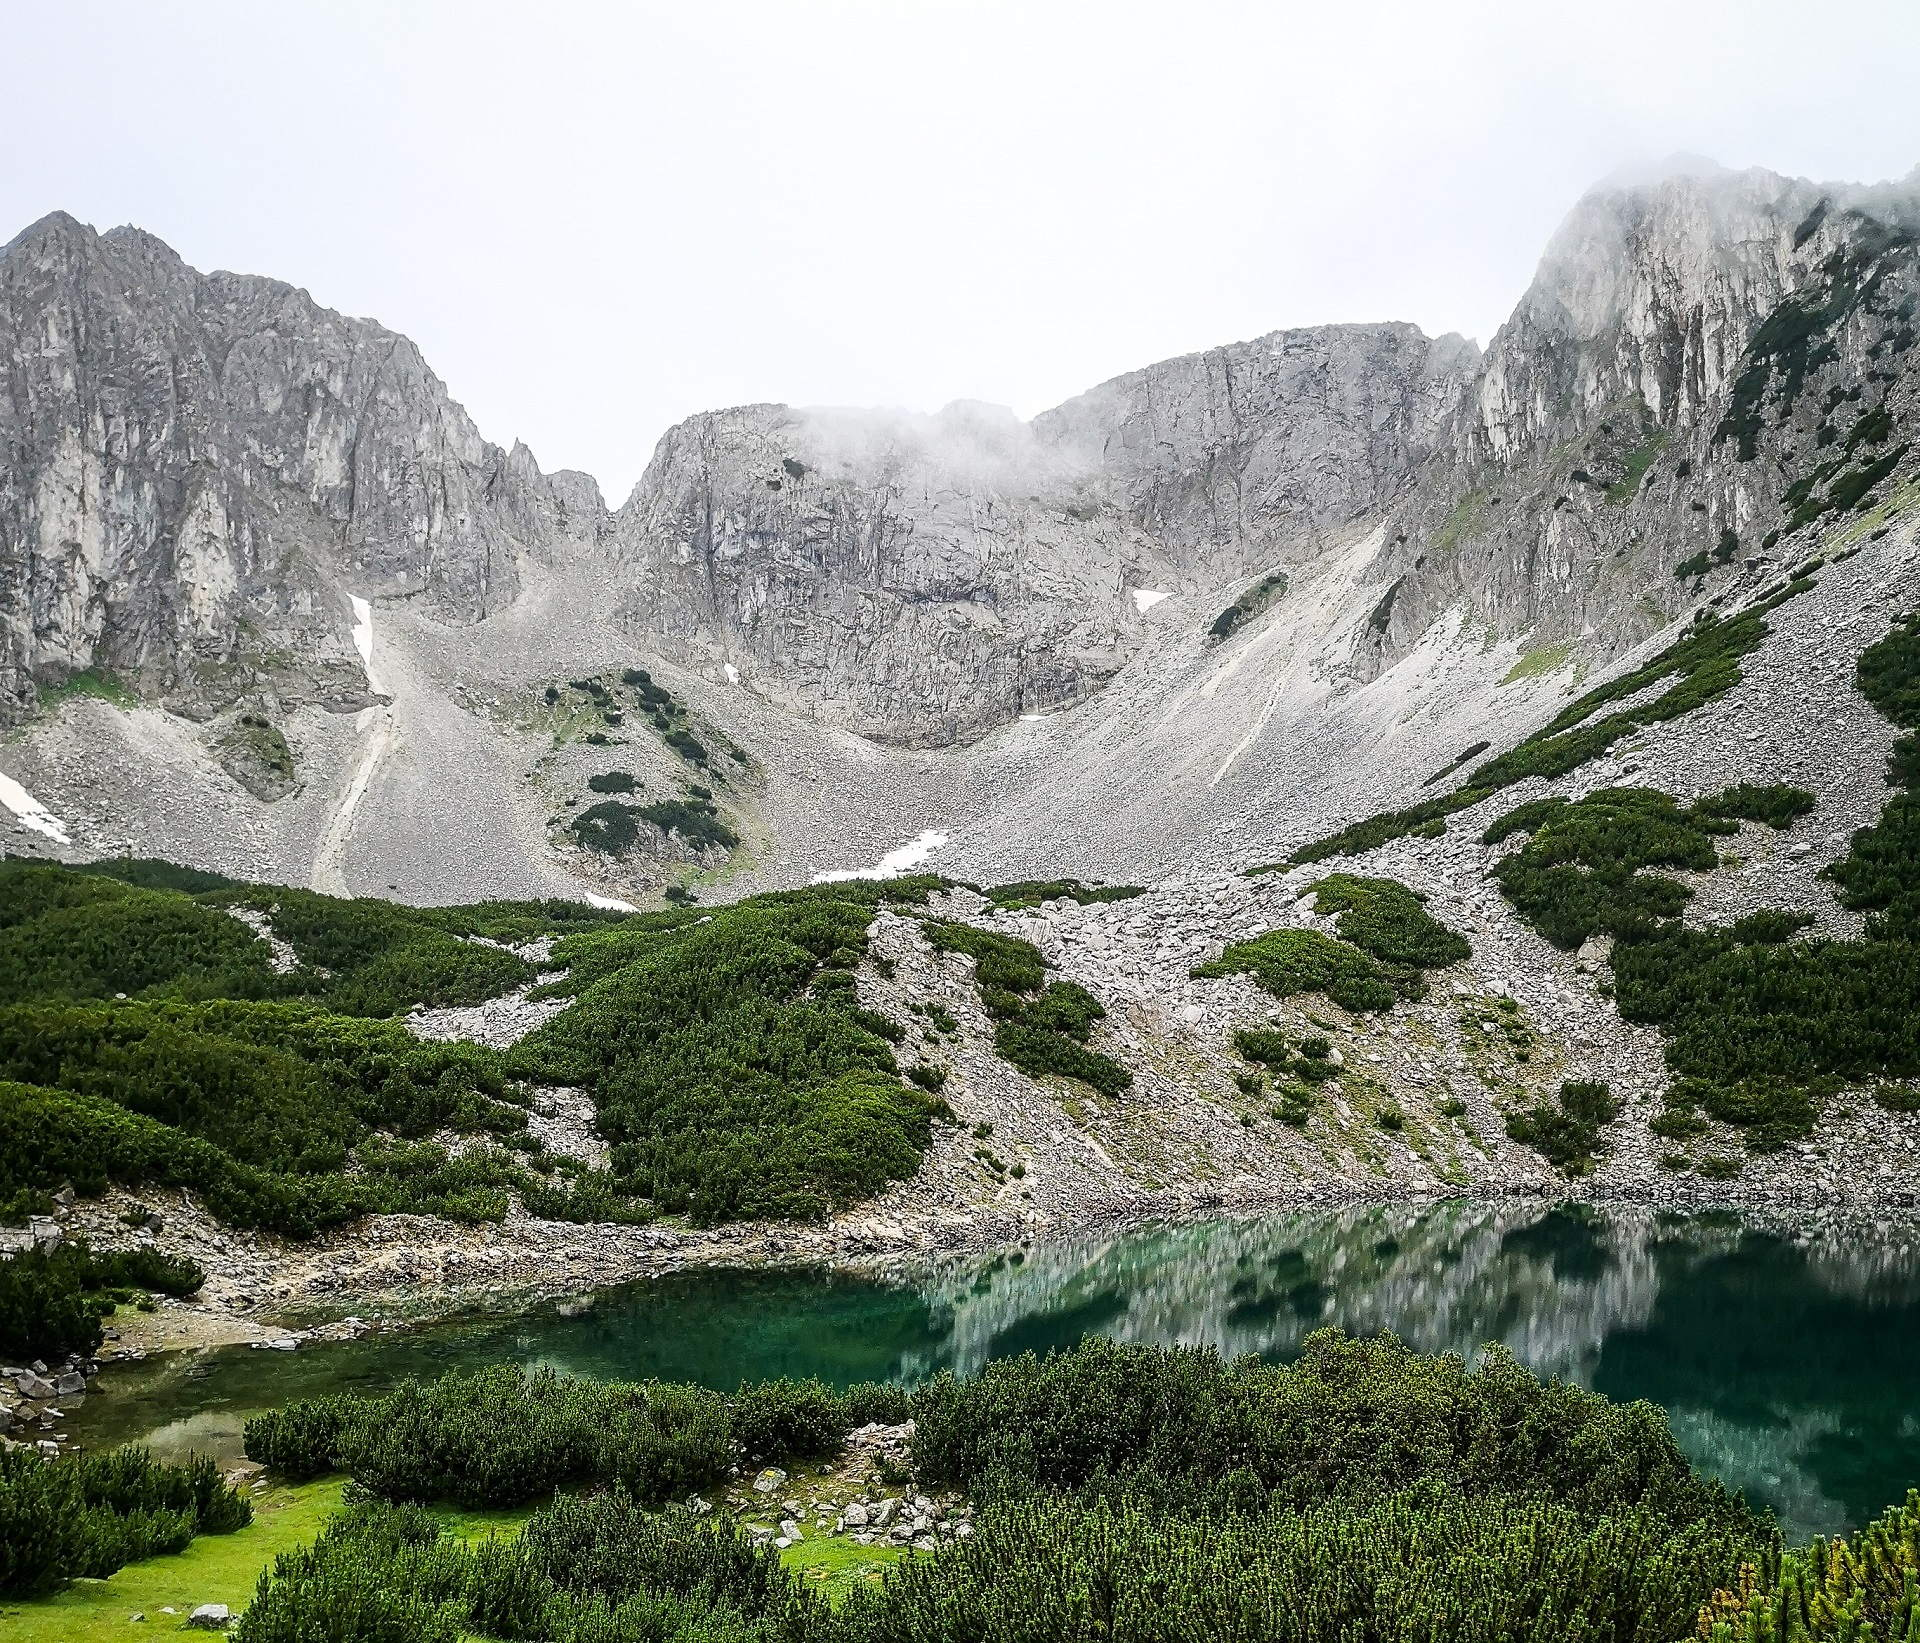 Lake in the Pirin Mountains